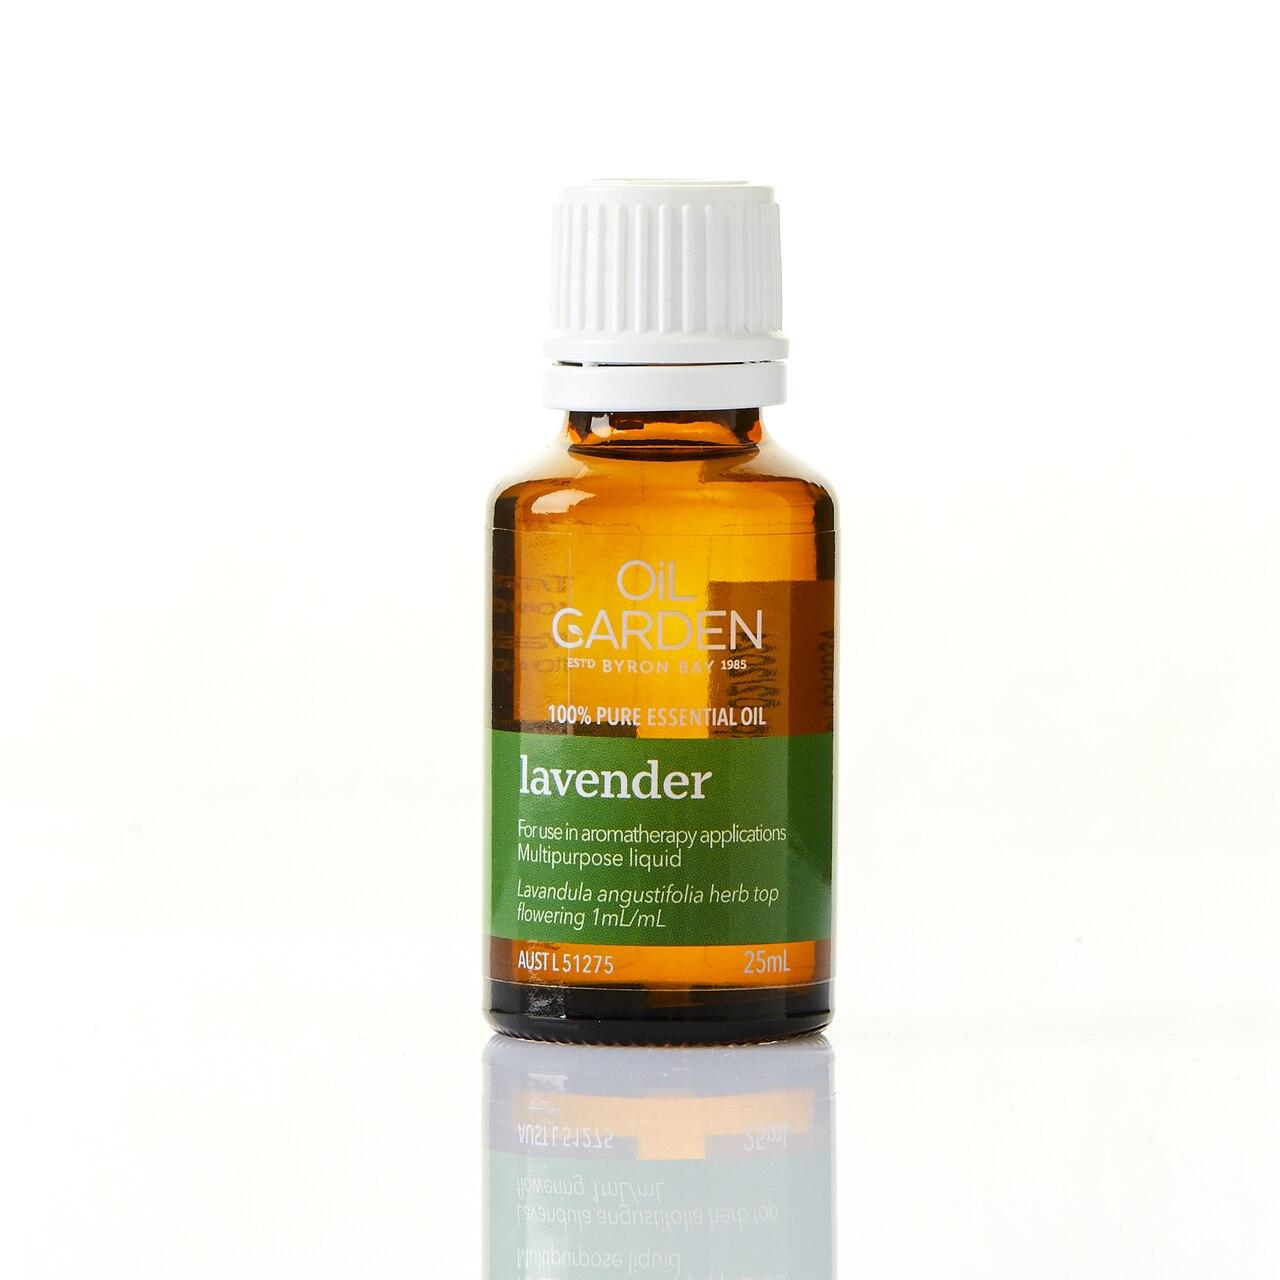 Oil Garden Lavender Pure Essential Oil 25mL 6620073